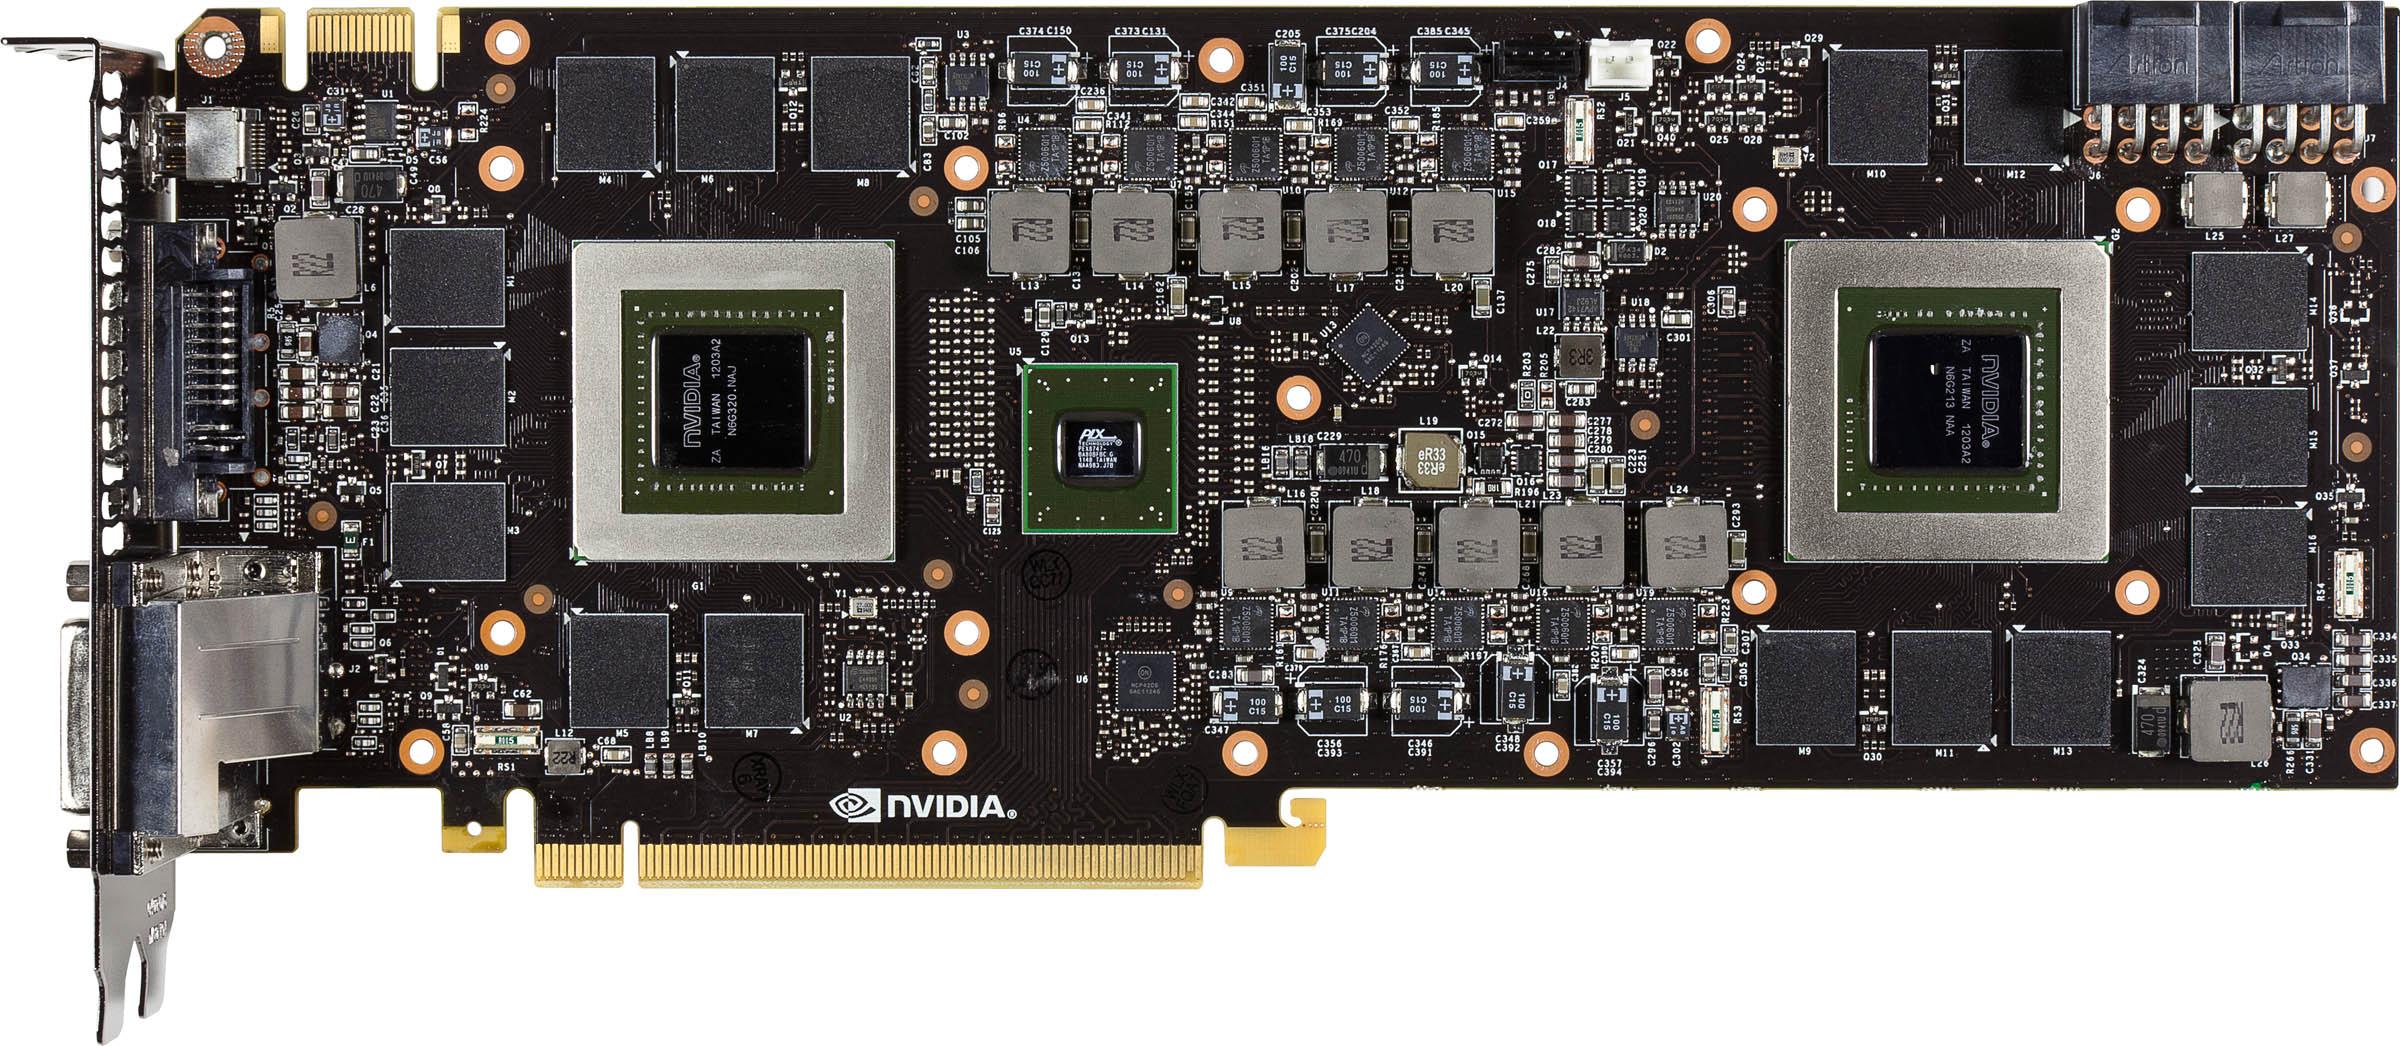 Nvidia představila grafickou kartu GeForce GTX 690 64425